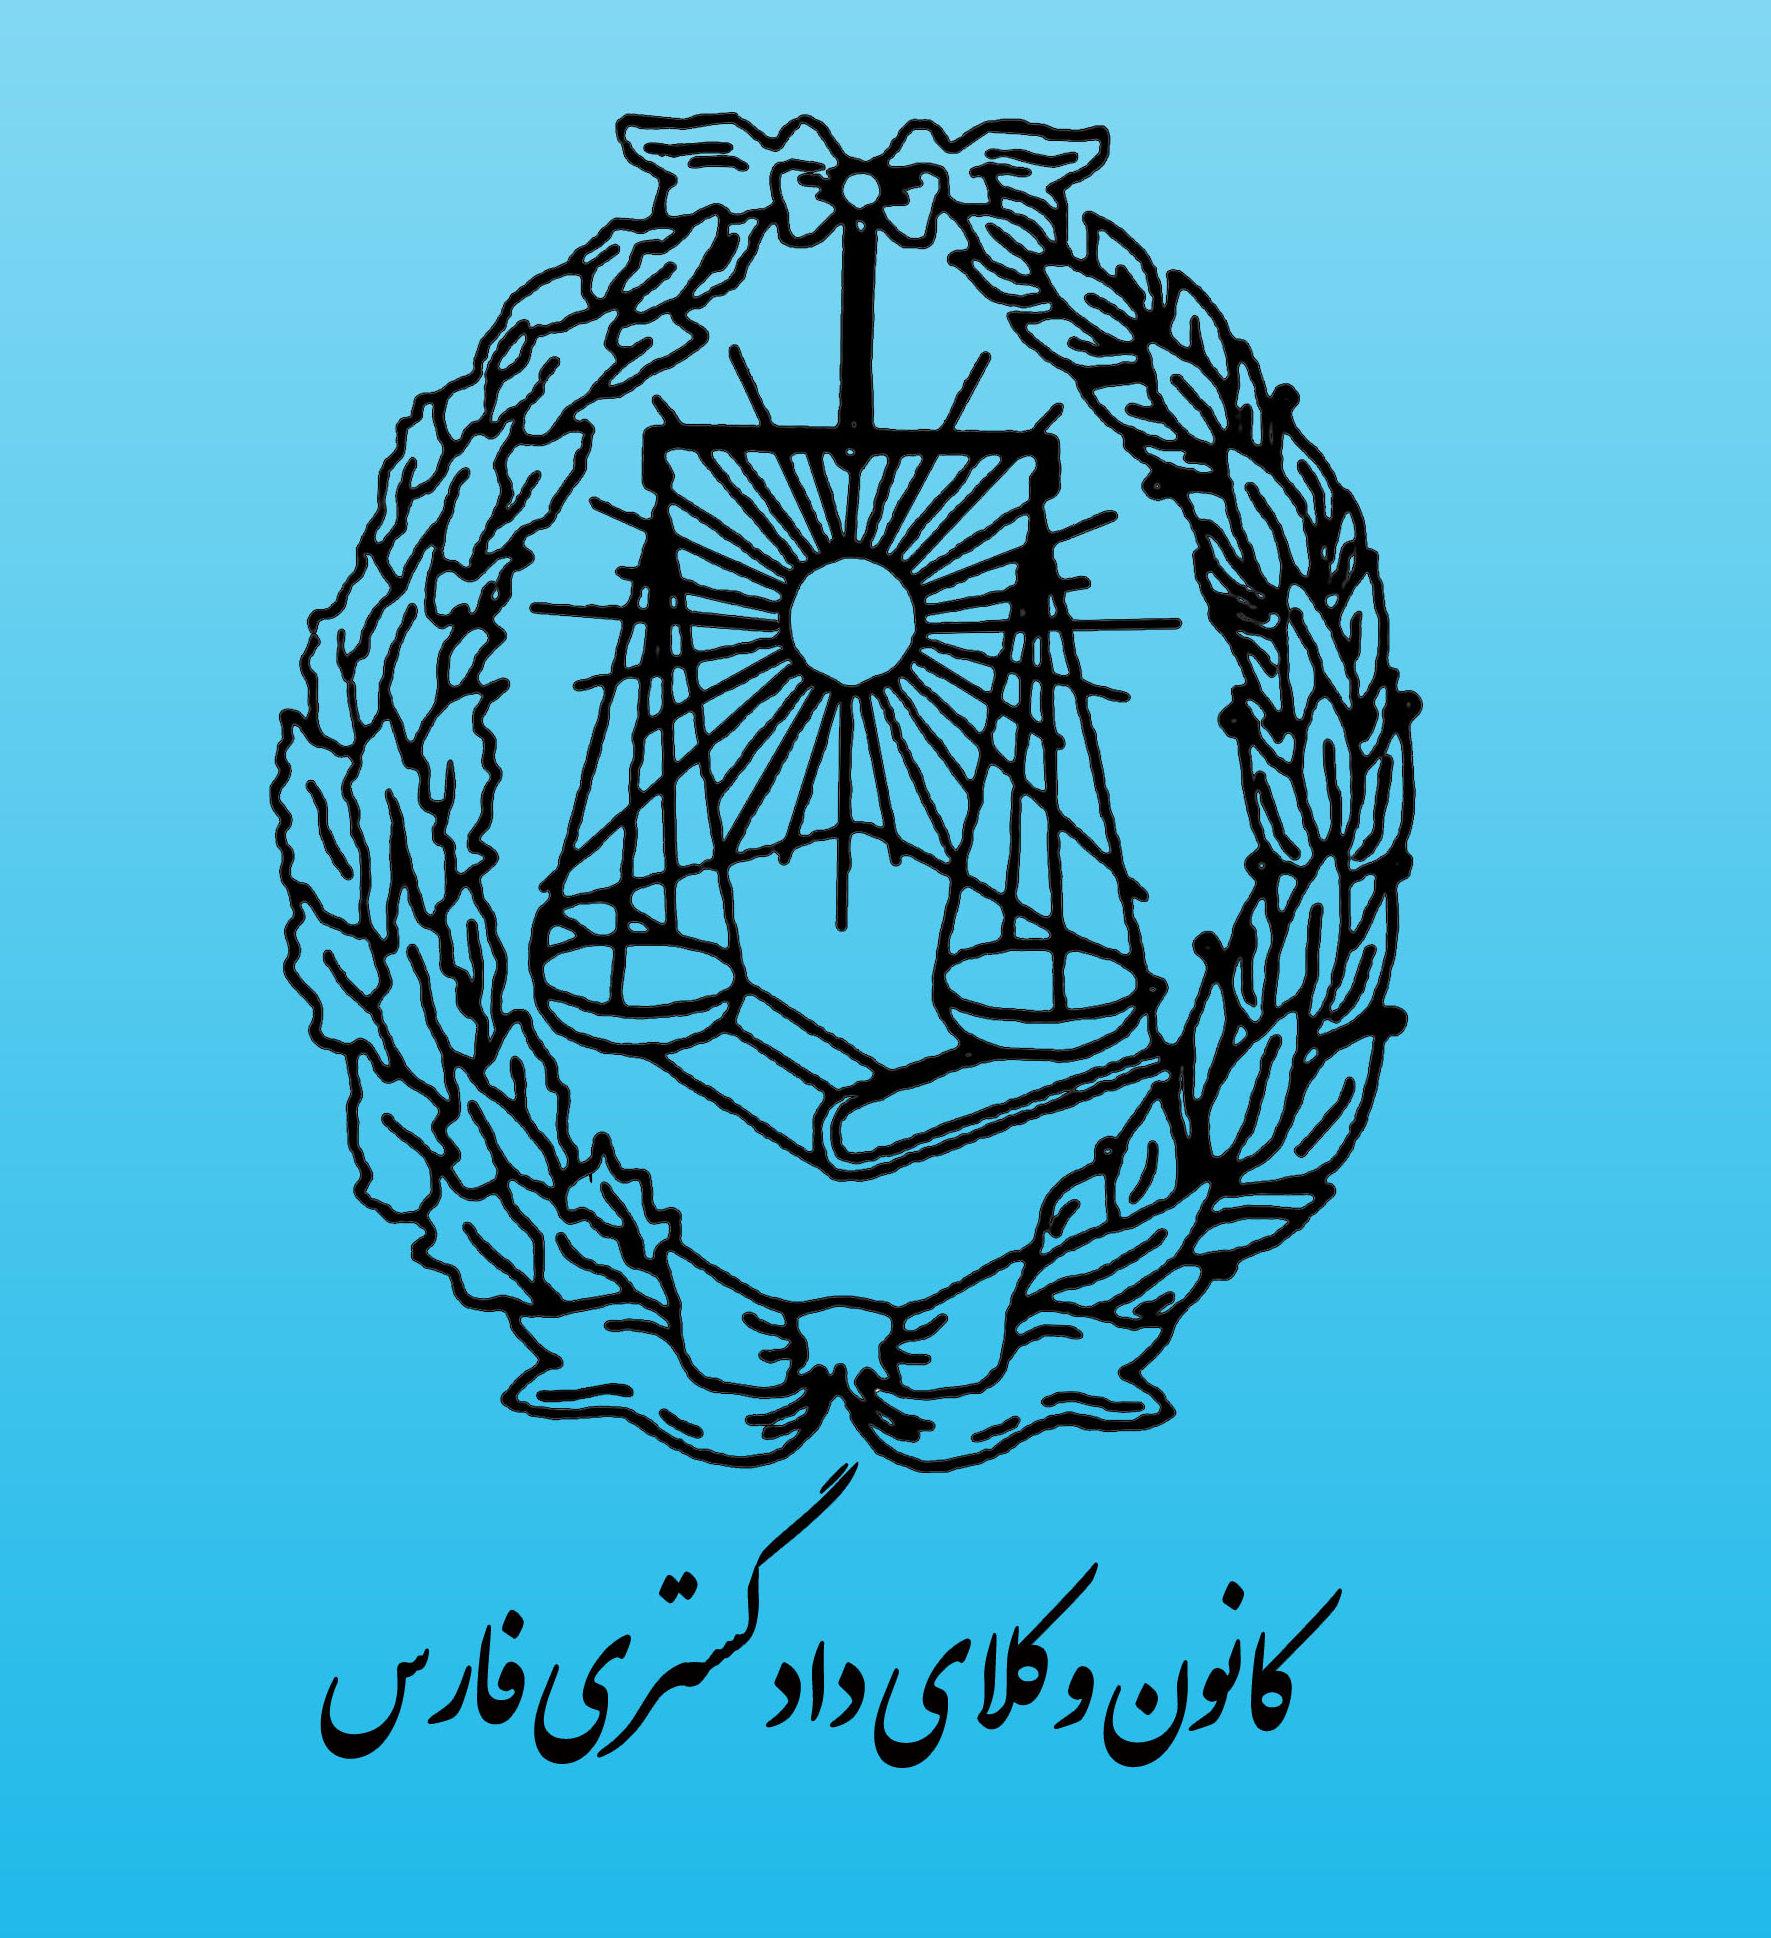 قرارداد کمیسیون رفاه کانون وکلای دادگستری فارس با مرکز بینایی سنجی و ویژن ترابی سروش